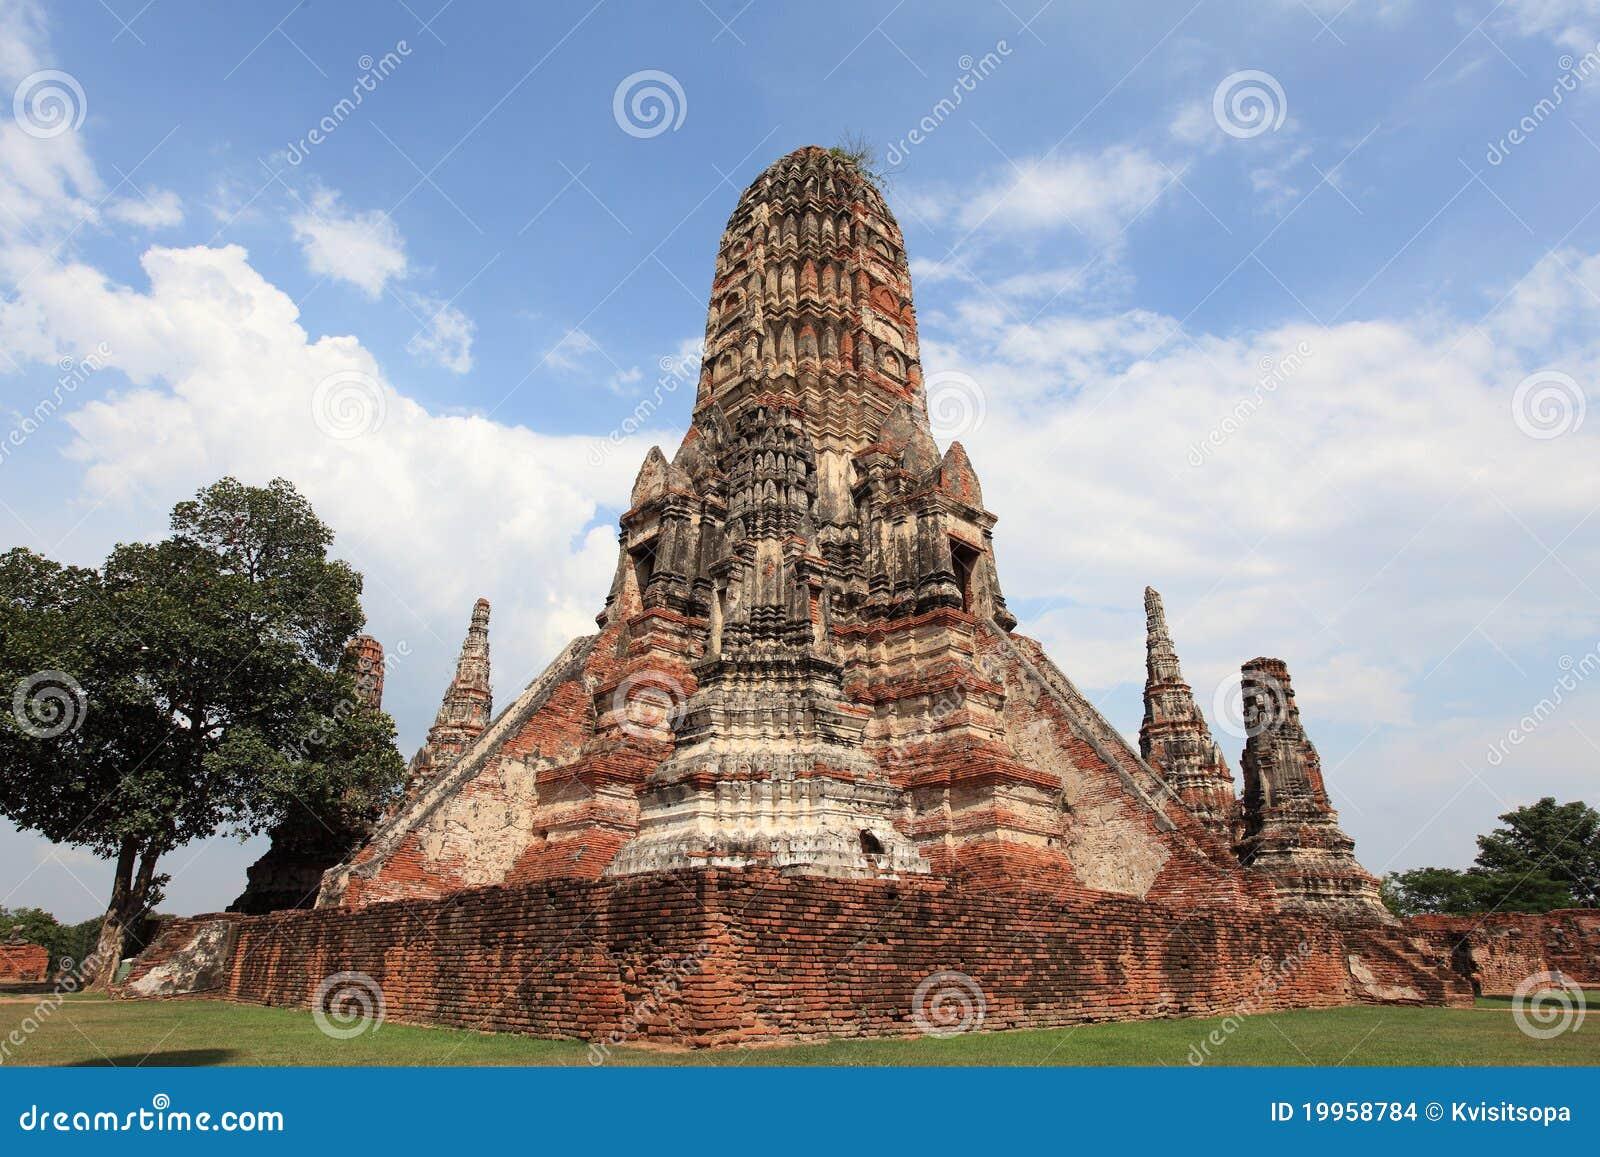 Historic City Of Ayutthaya - Wat Chai Wattanaram Stock ...